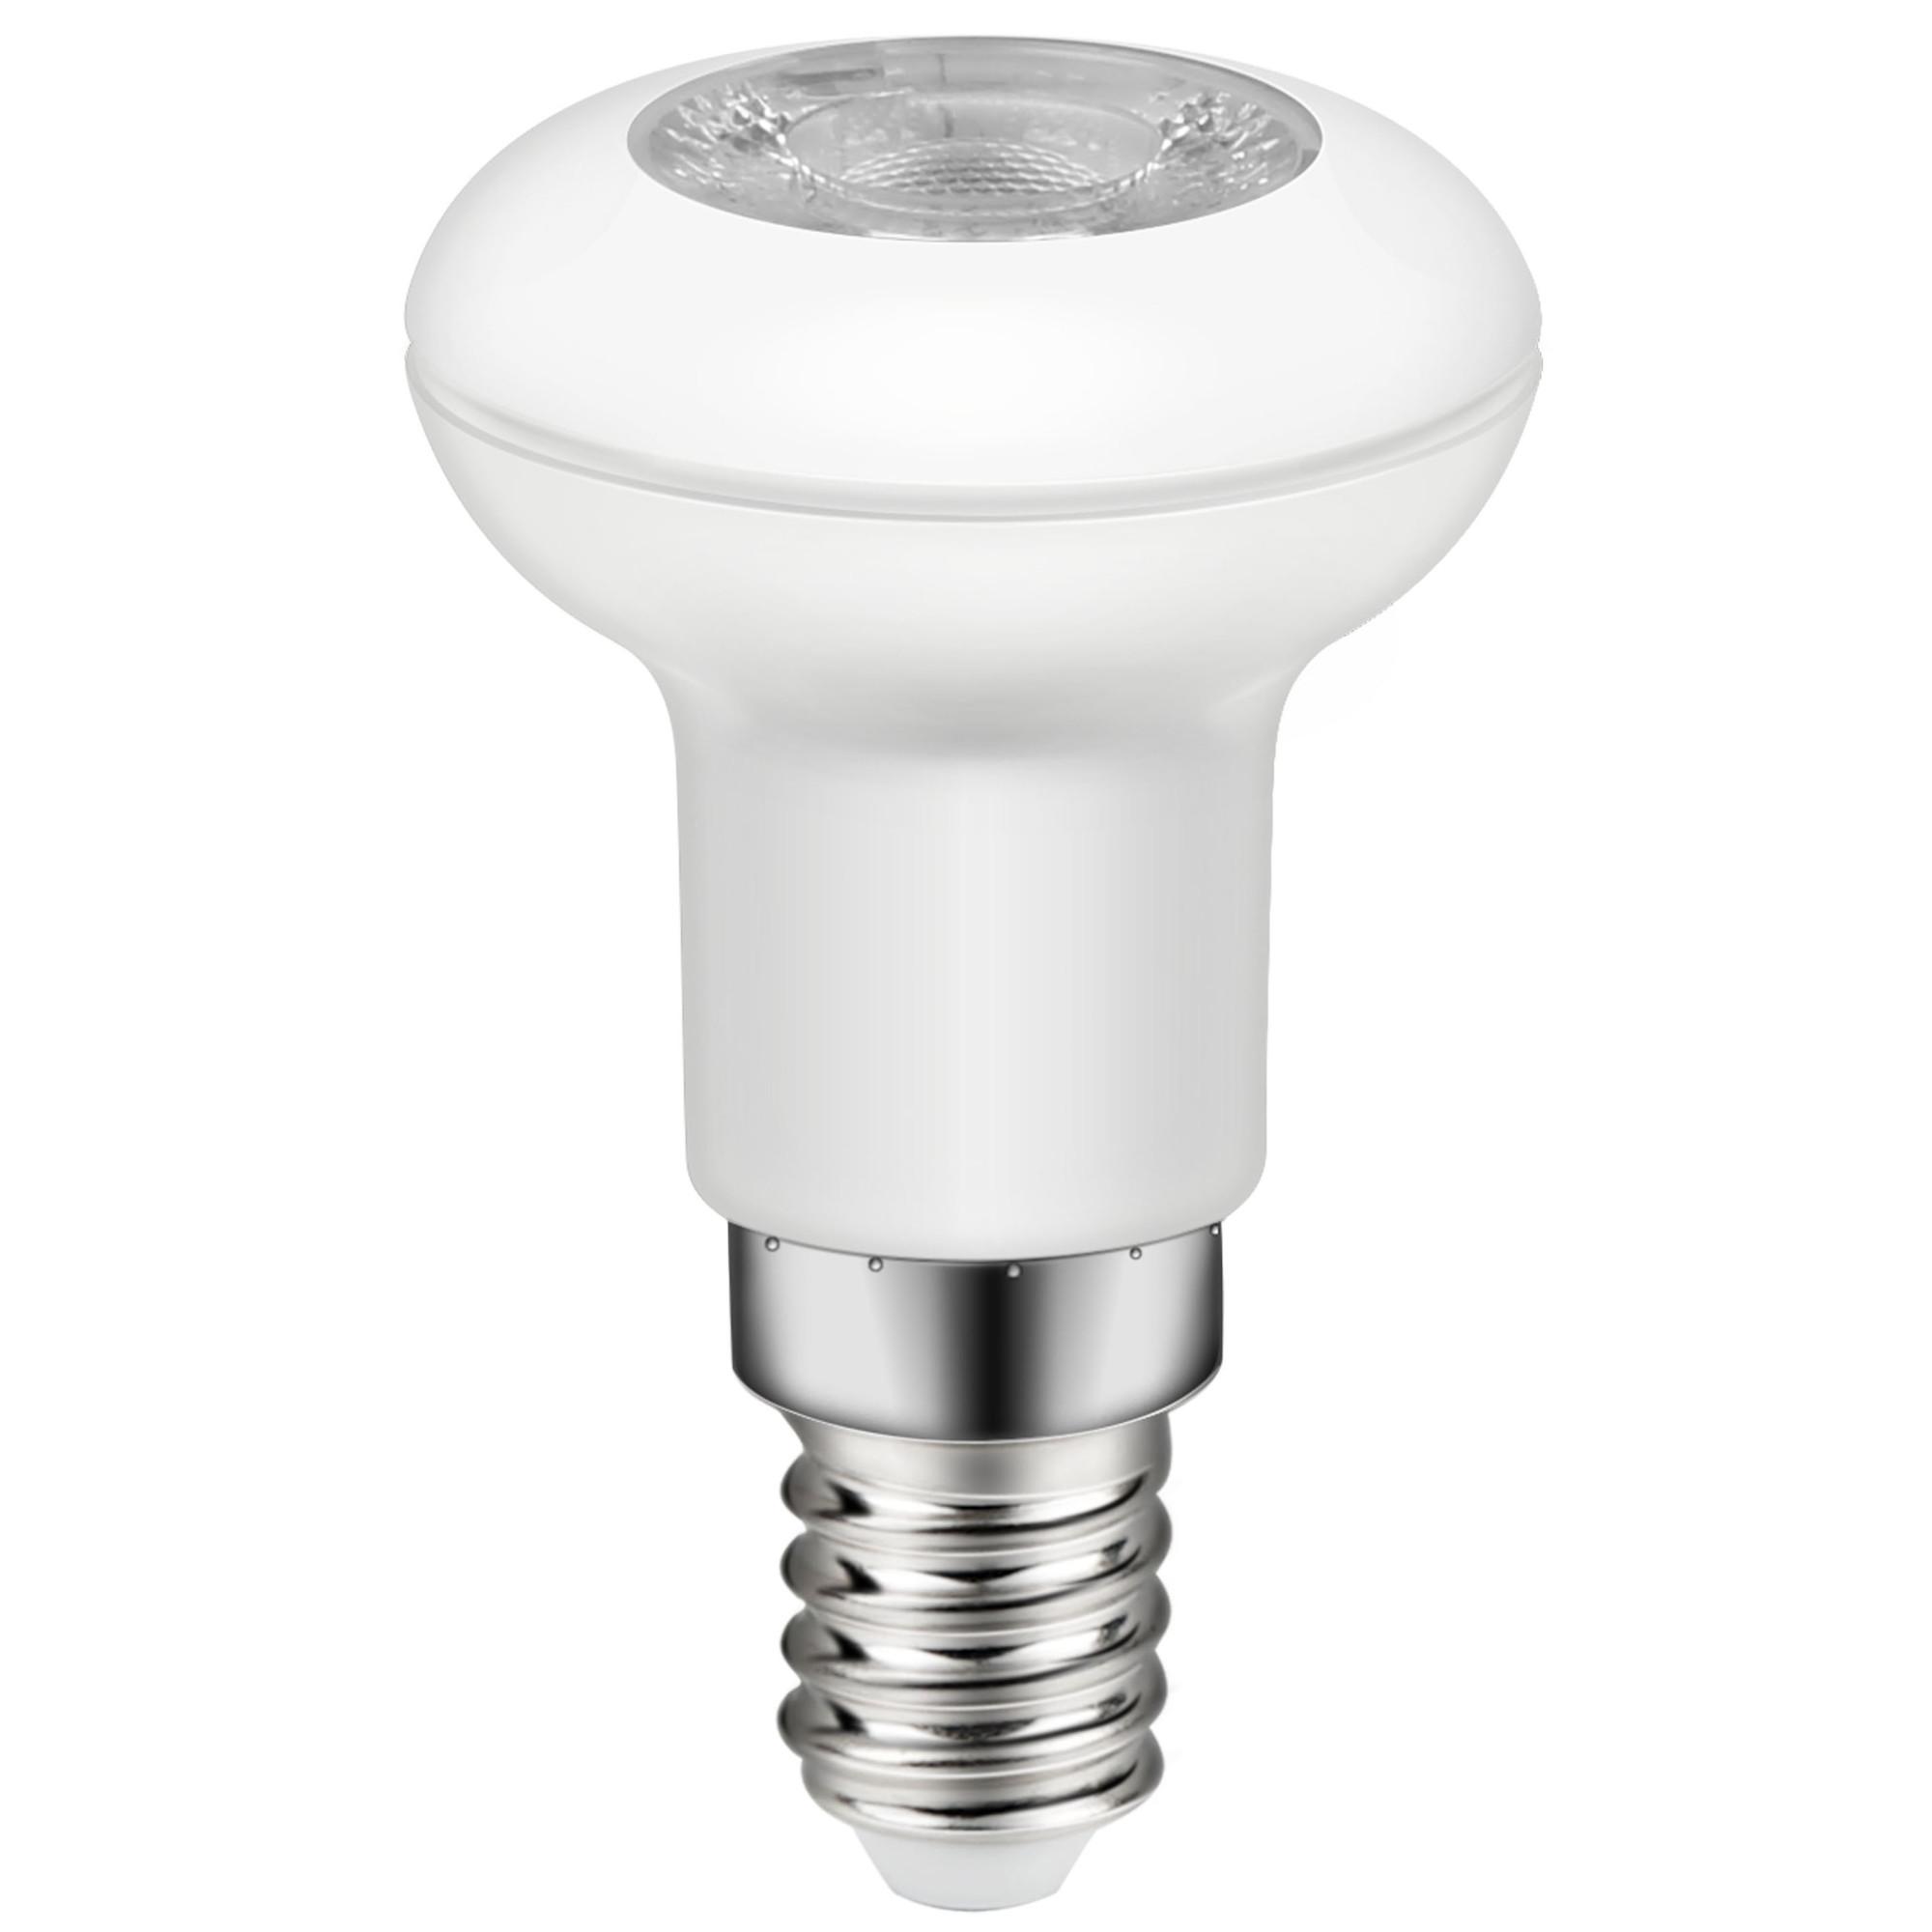 Лампа светодиодная Lexman E14 220 В 2.5 Вт рефлектор прозрачный 196 лм тёплый белый свет